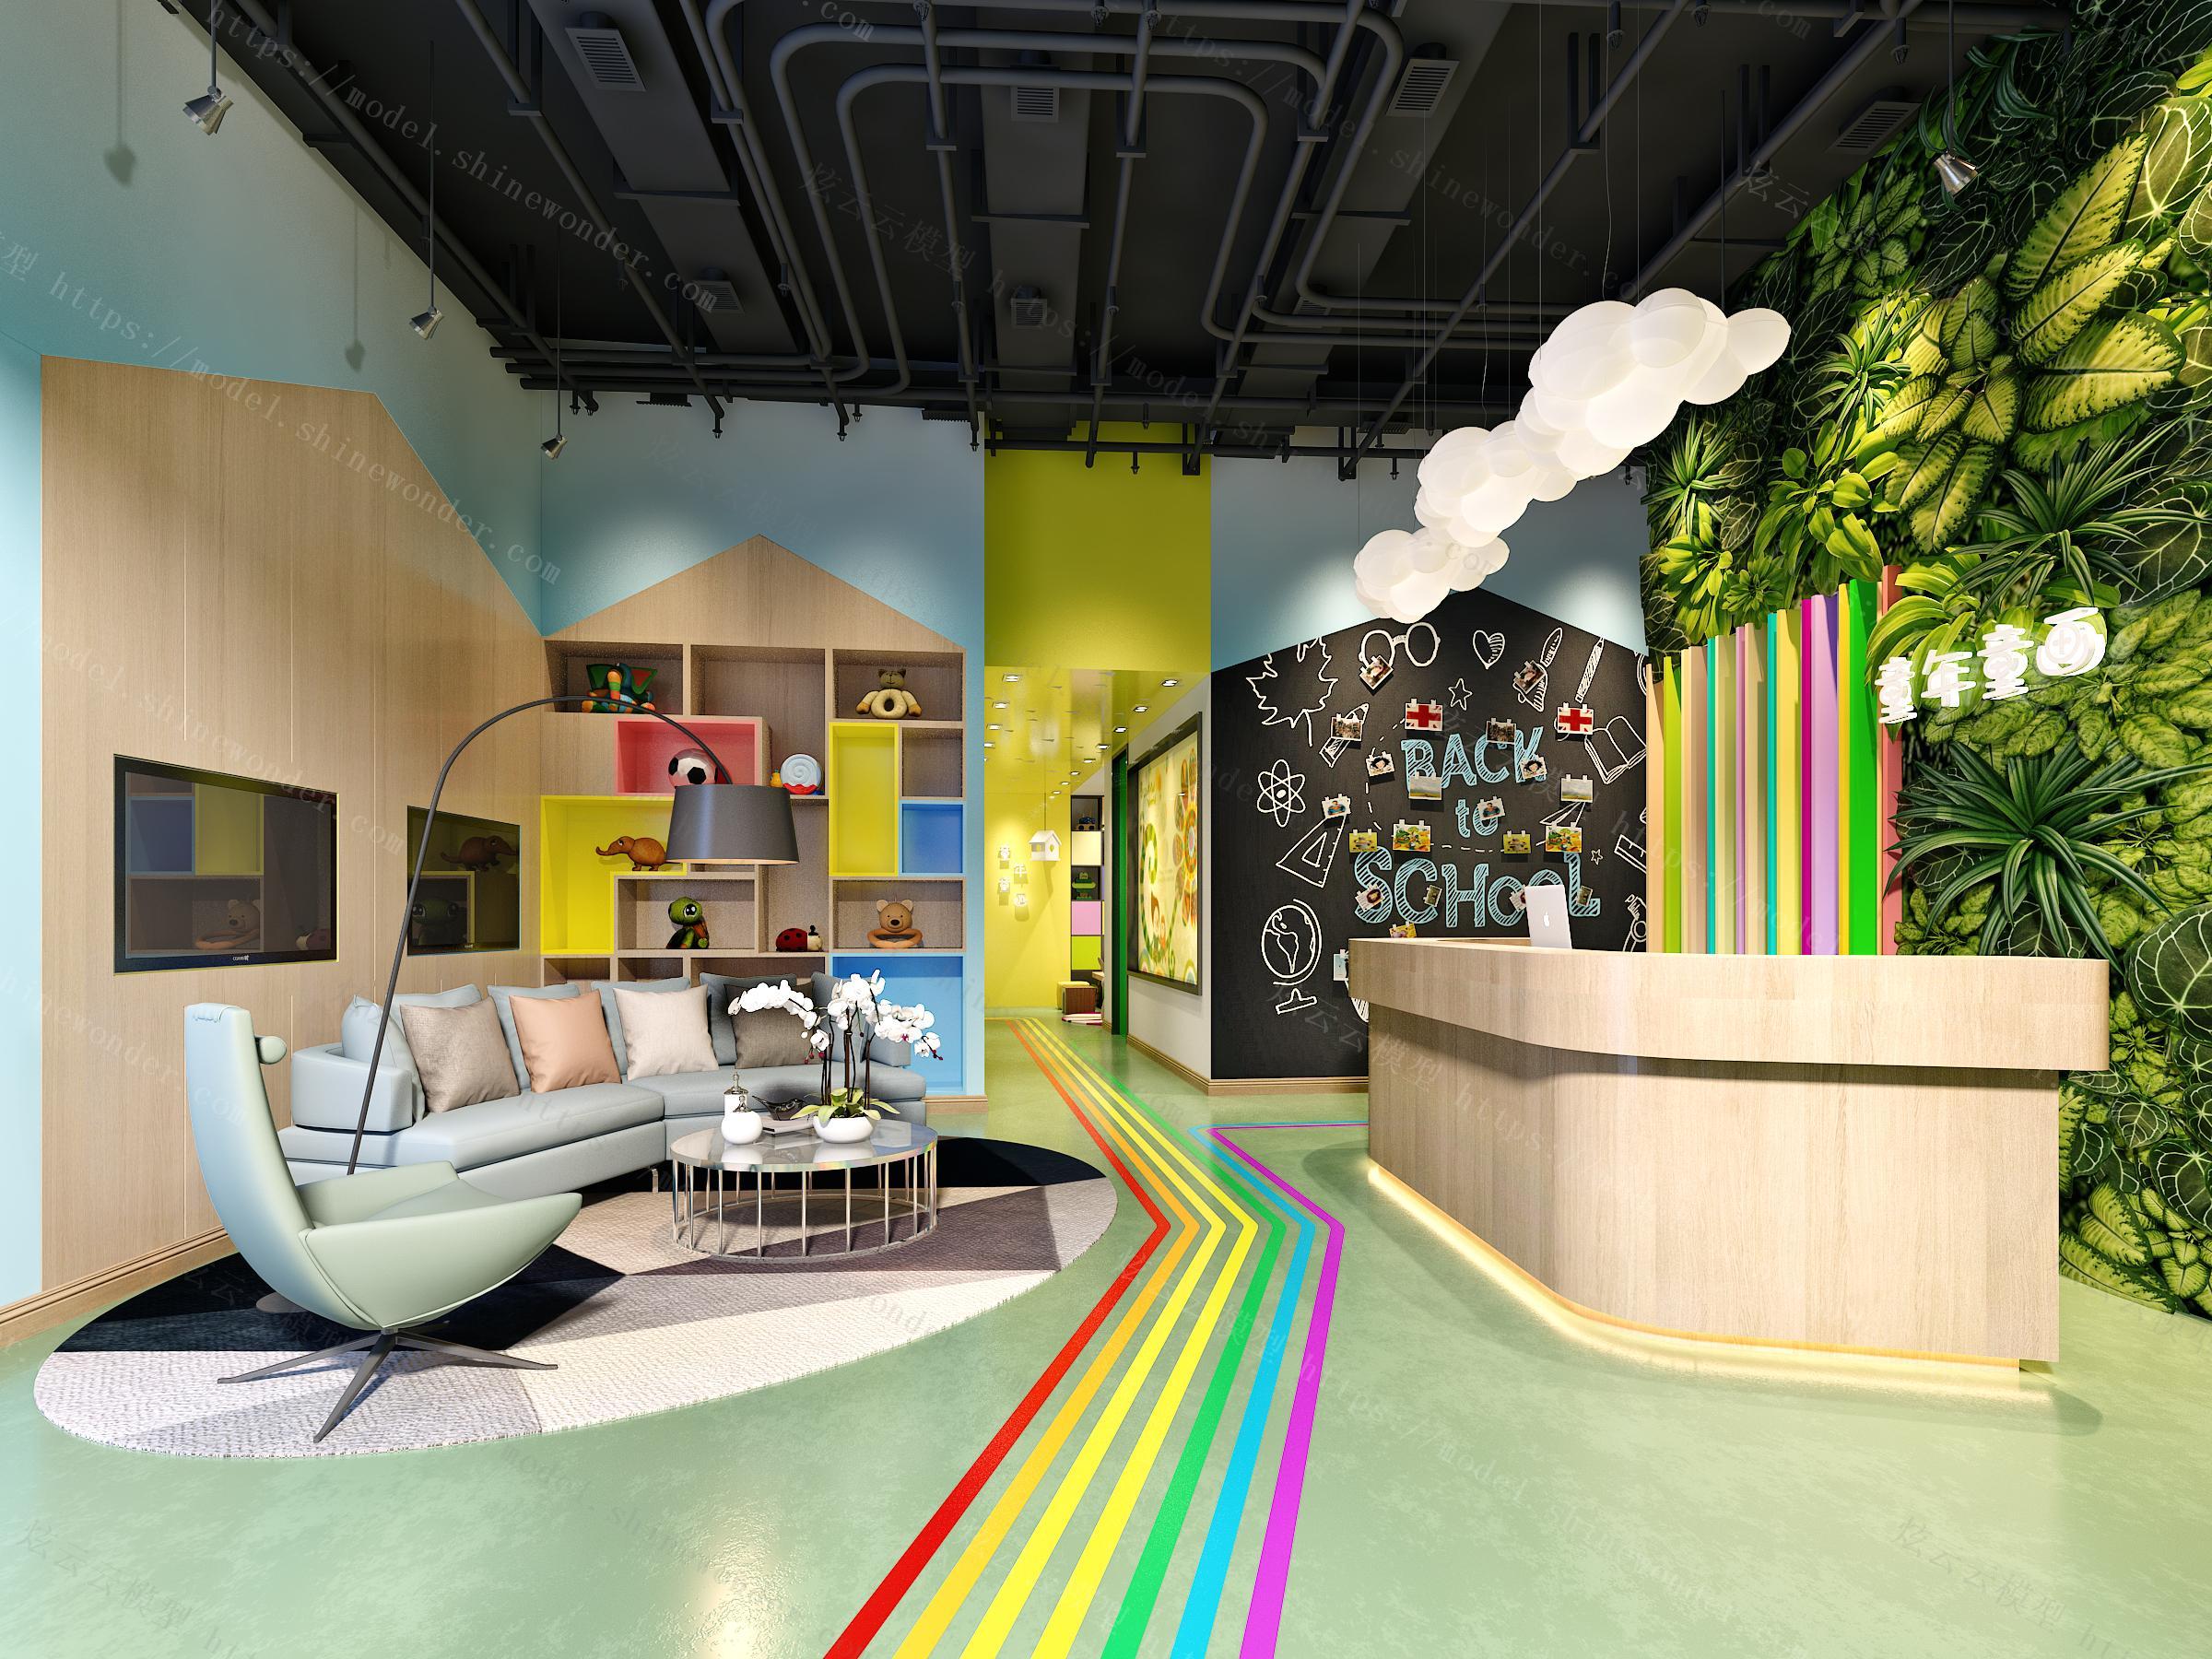 现代幼儿园教室模型